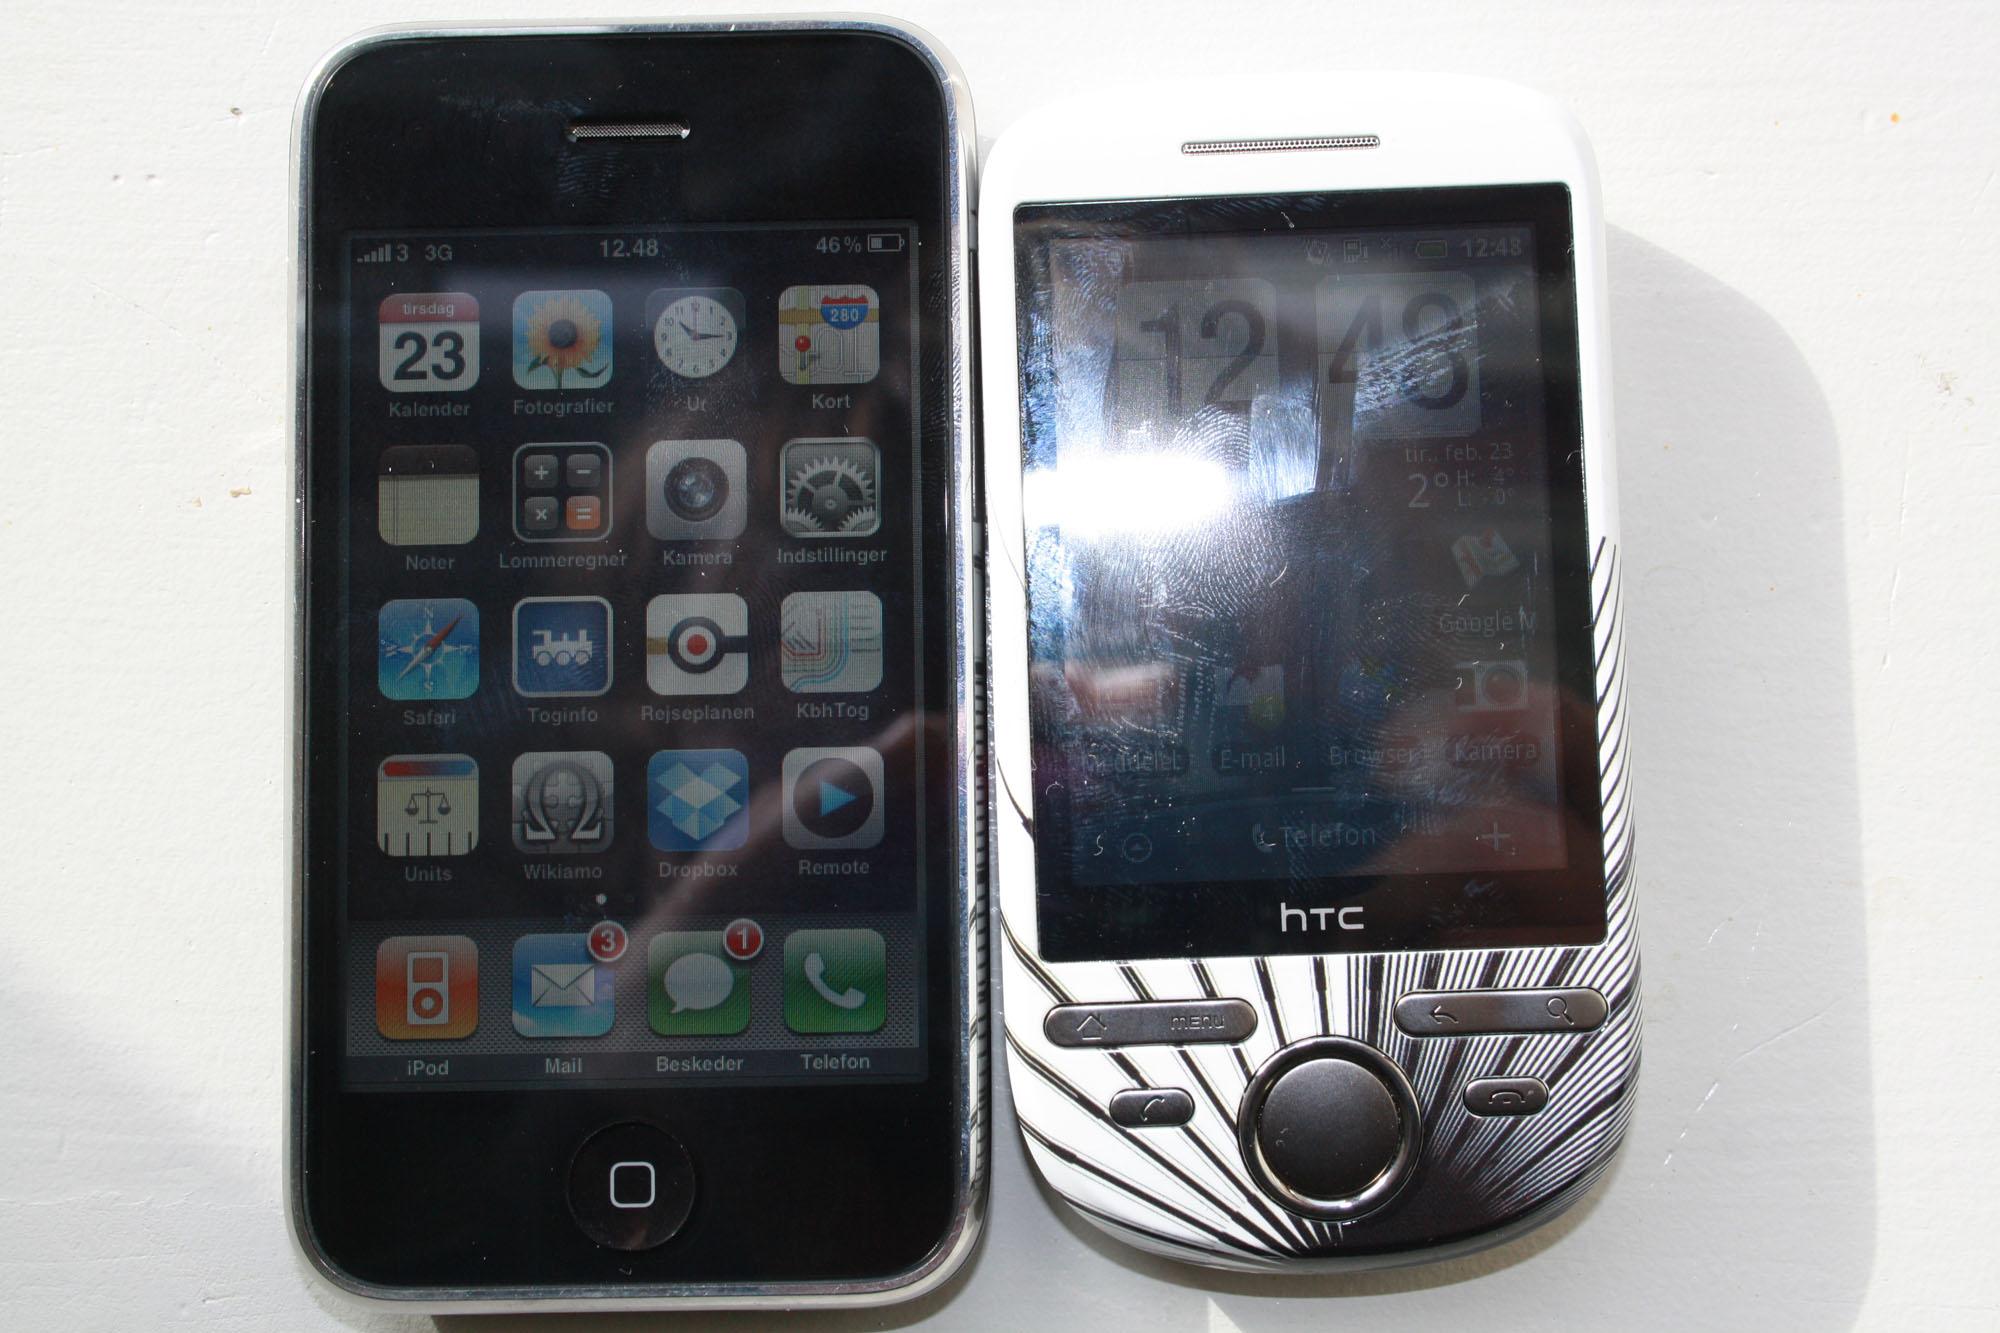 Iphone 3 release date in Brisbane